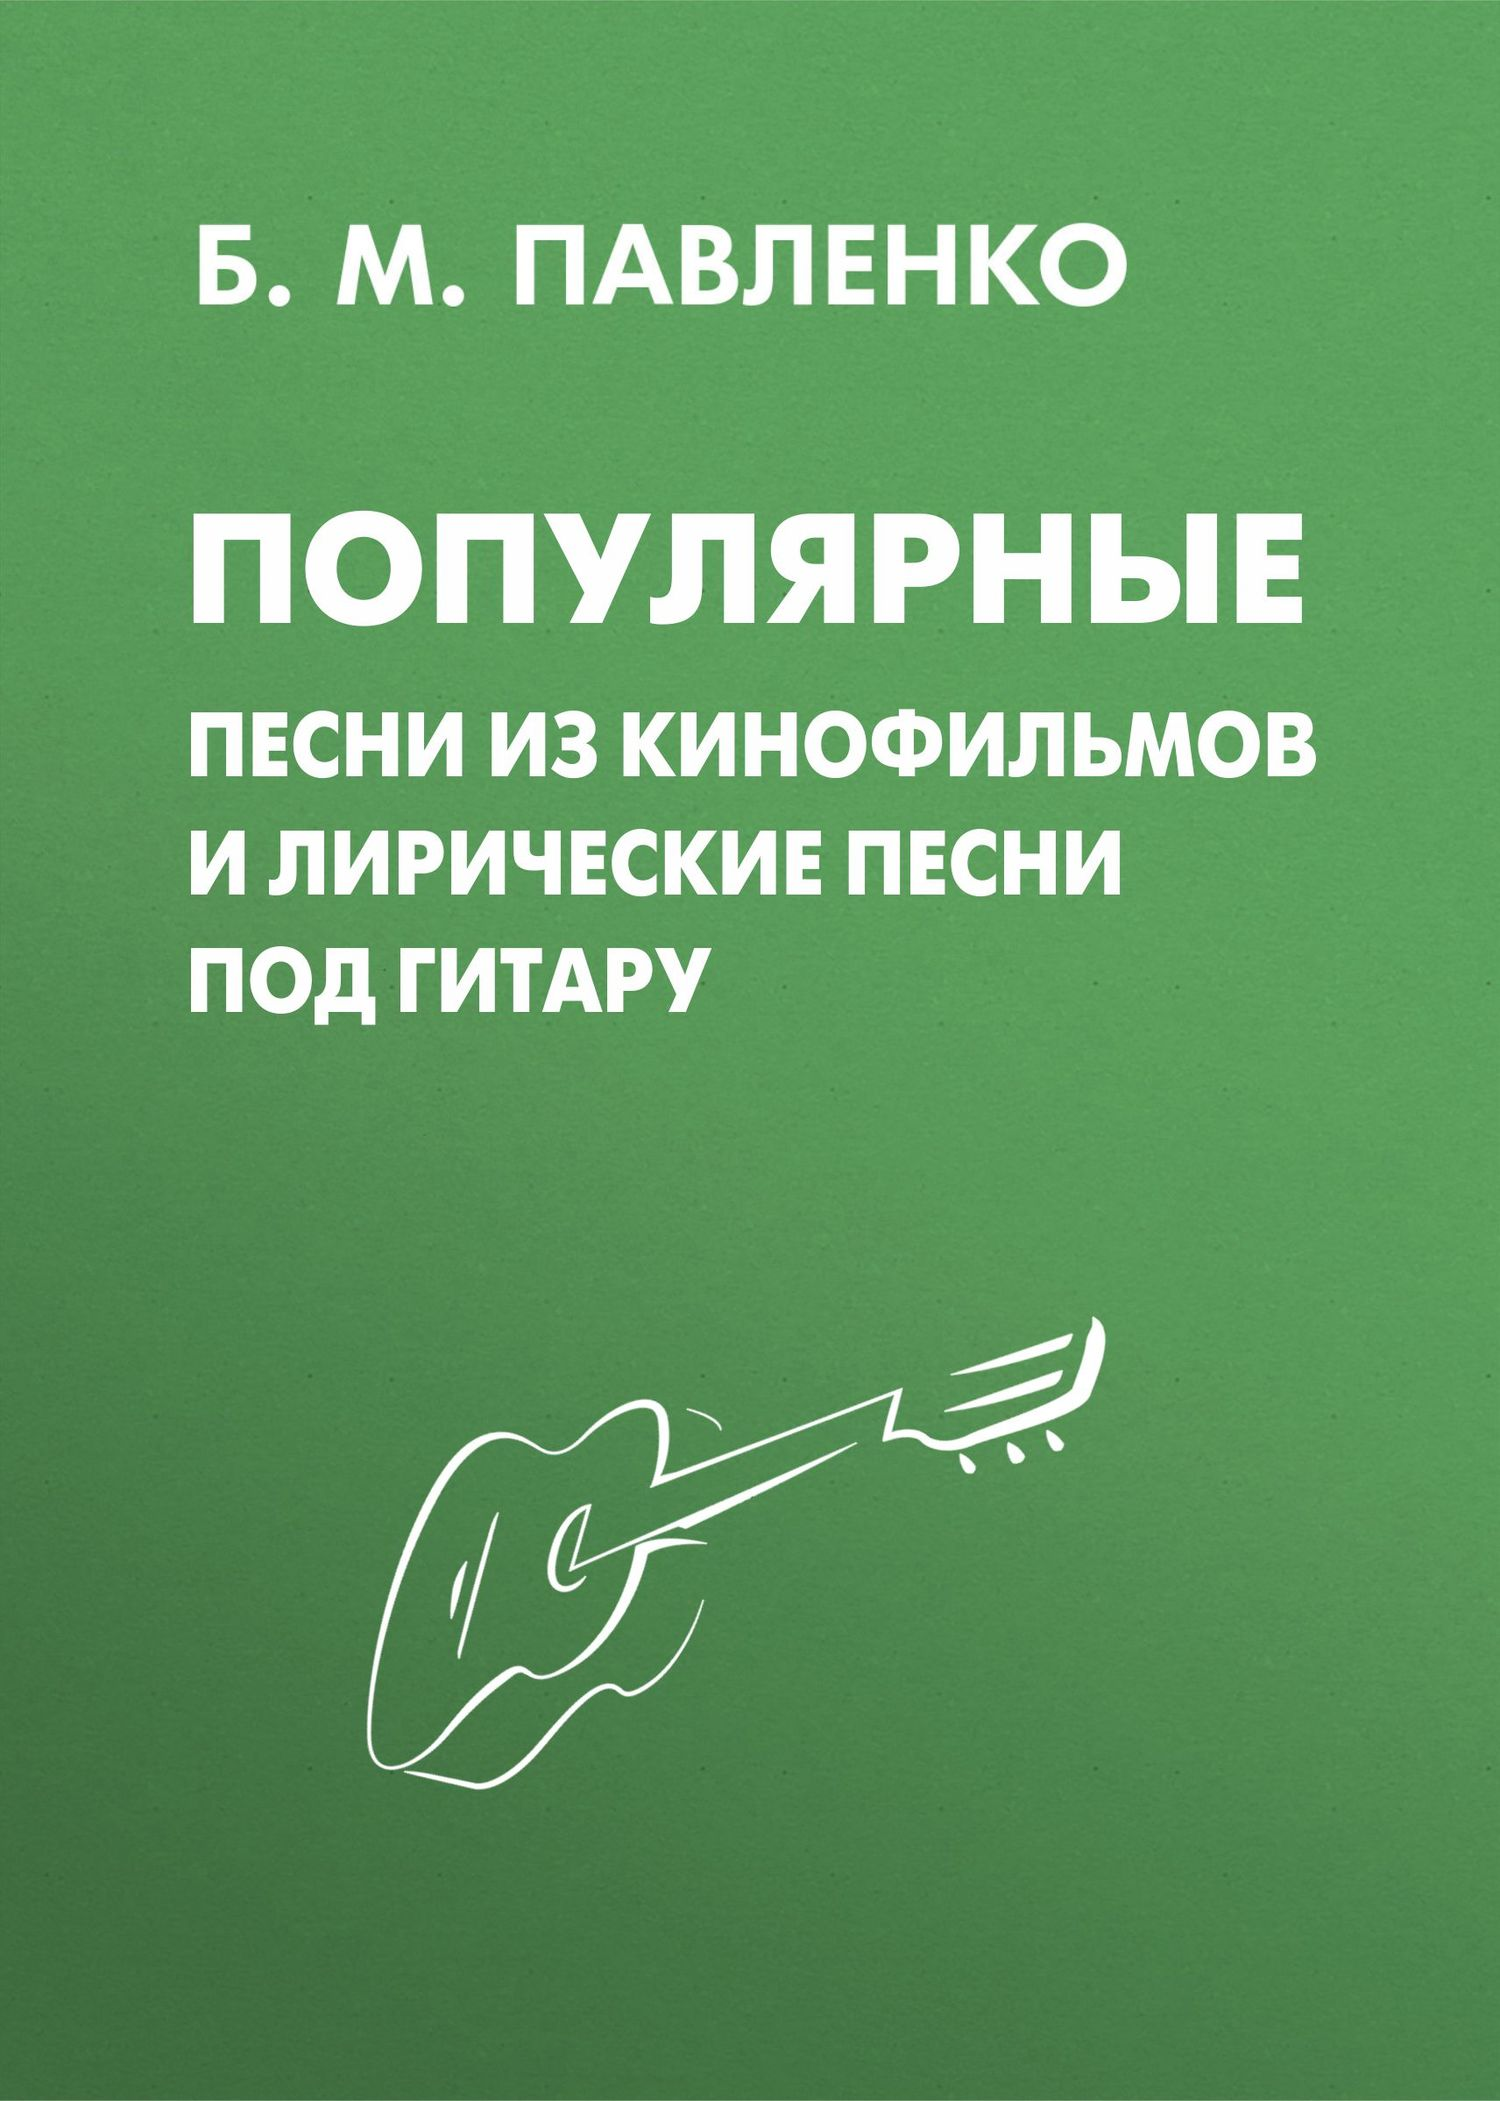 Б. М. Павленко Популярные песни из кинофильмов и лирические песни под гитару б м павленко хиты под гитару выпуск 1